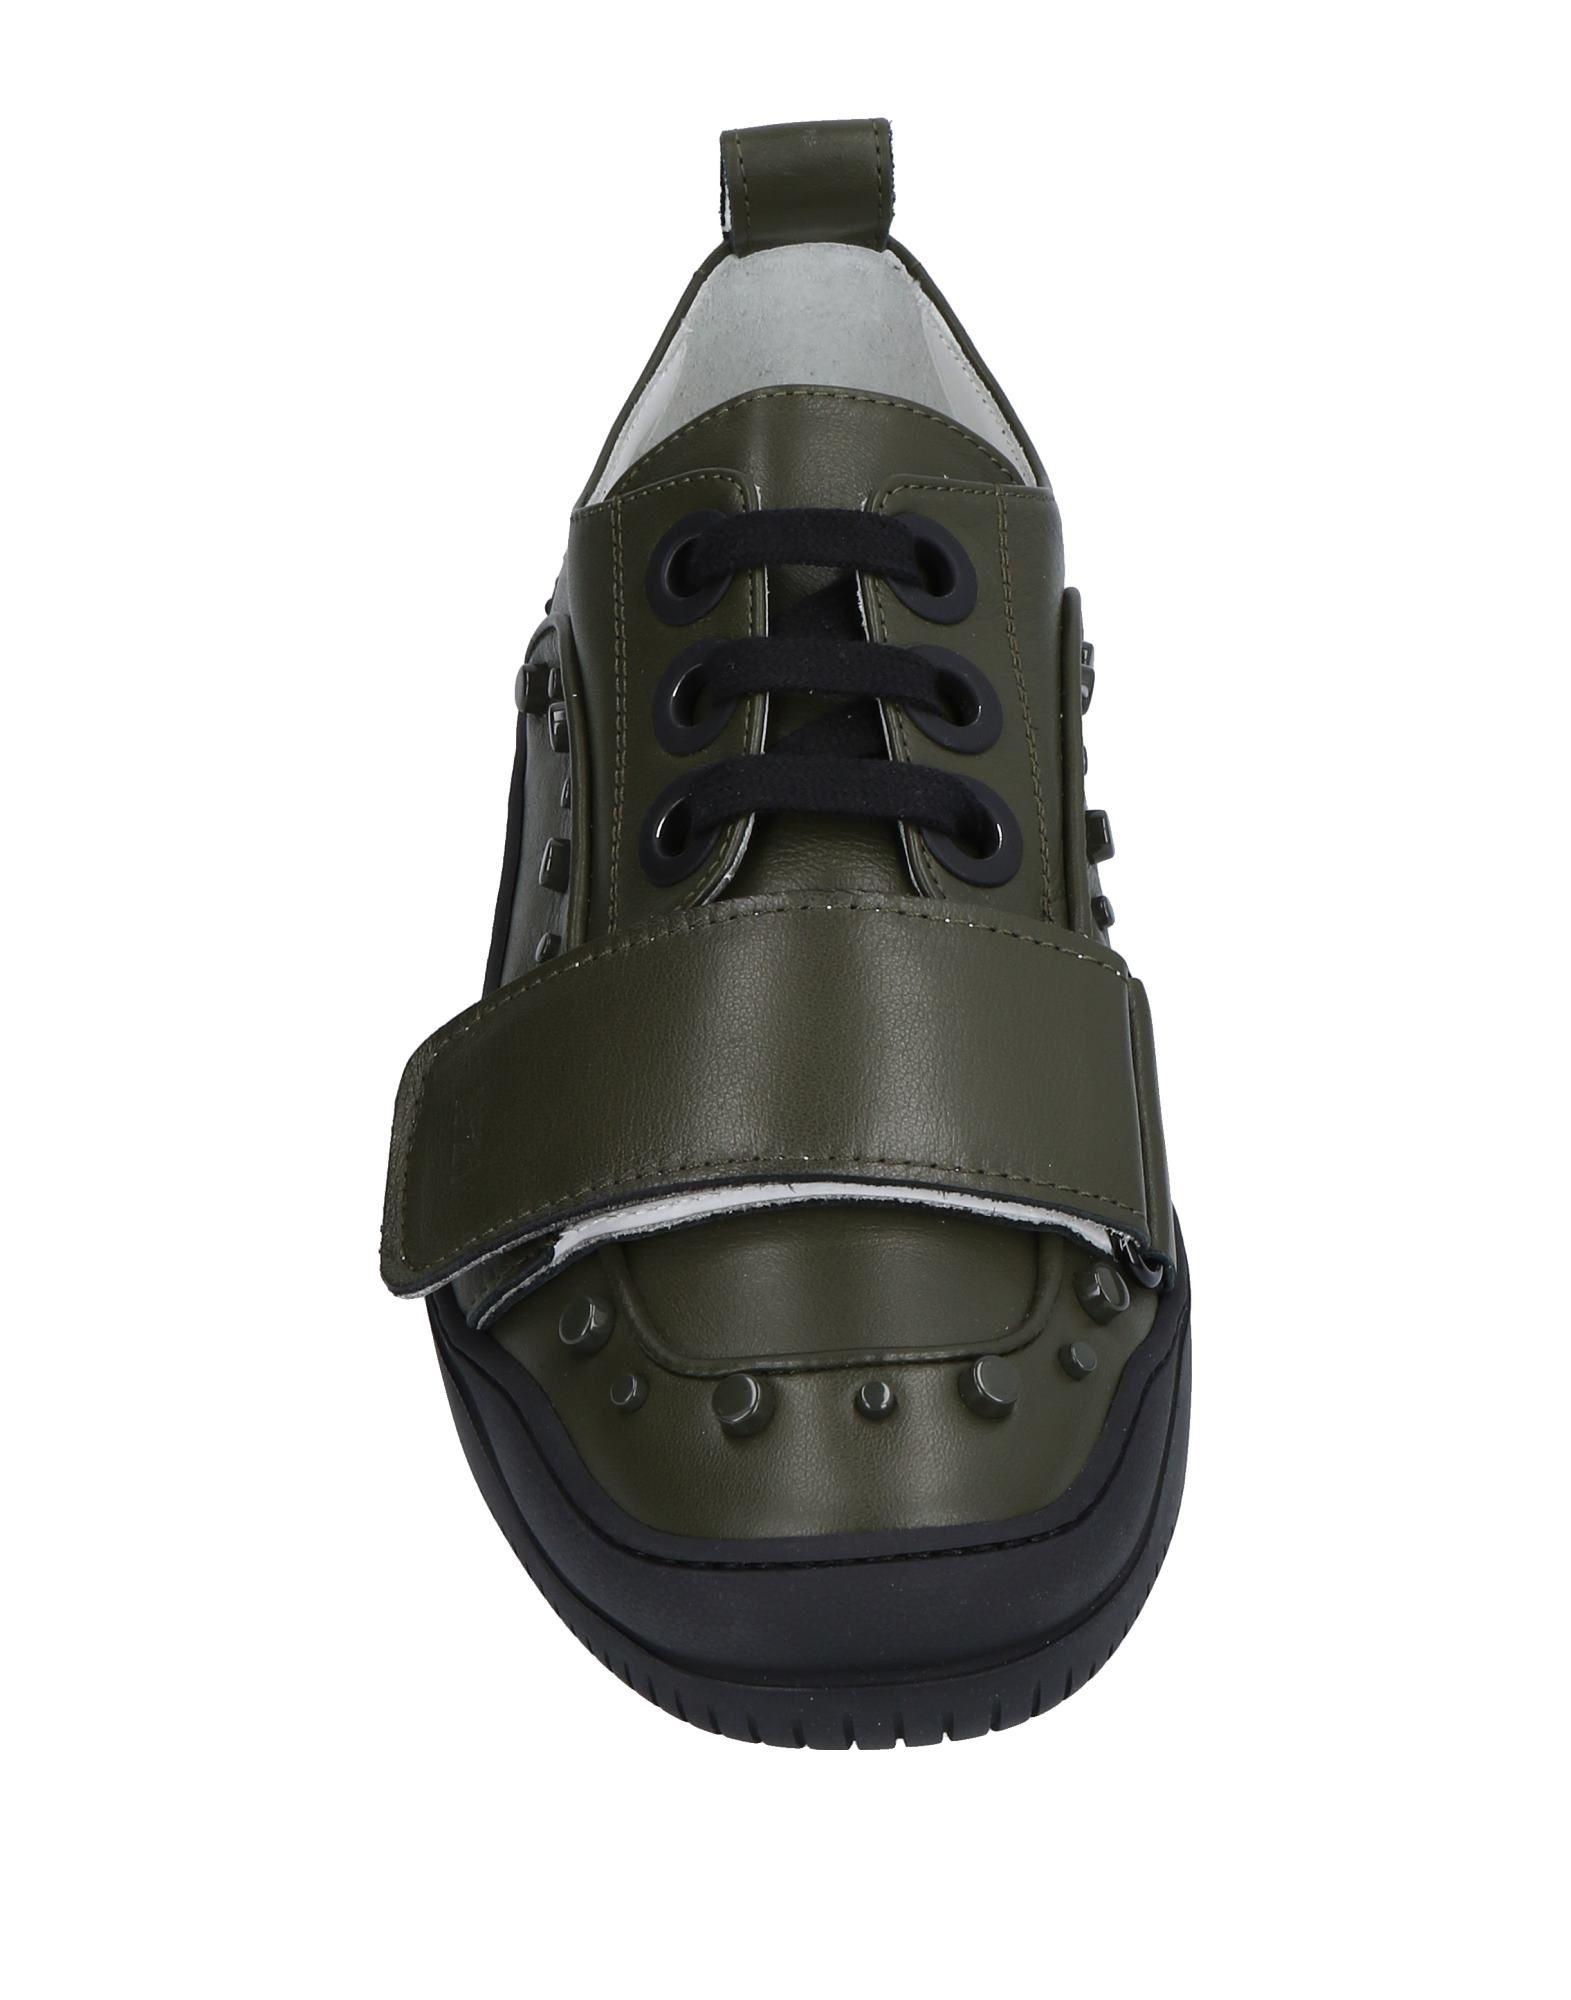 N° N° N° 21 Sneakers Herren Gutes Preis-Leistungs-Verhältnis, es lohnt sich cc1986